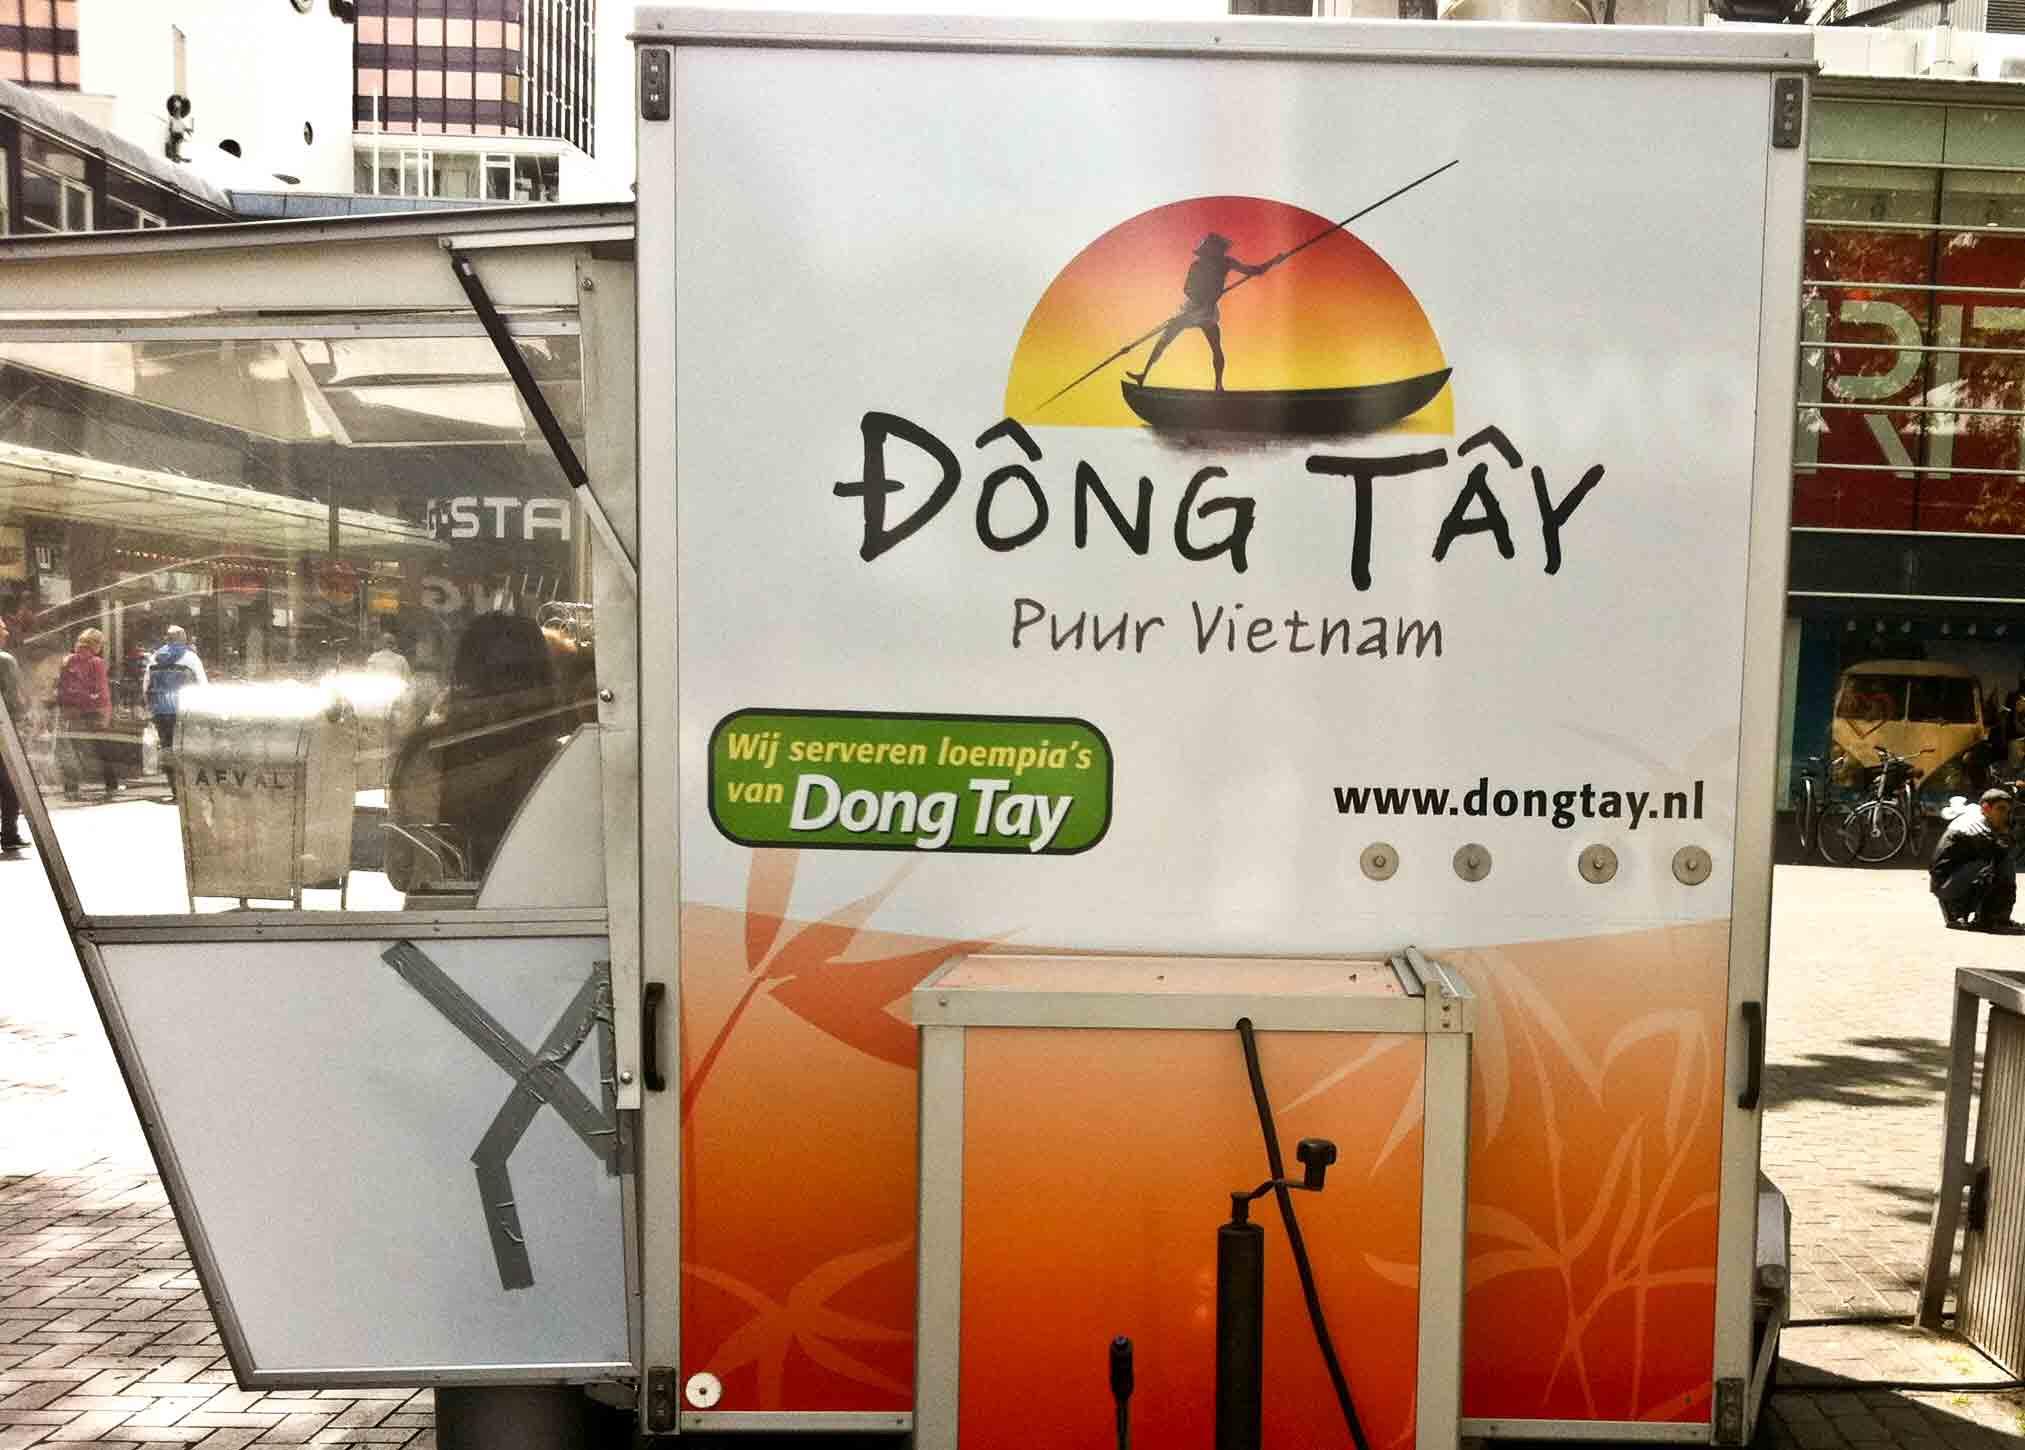 1415: Dong Tay!